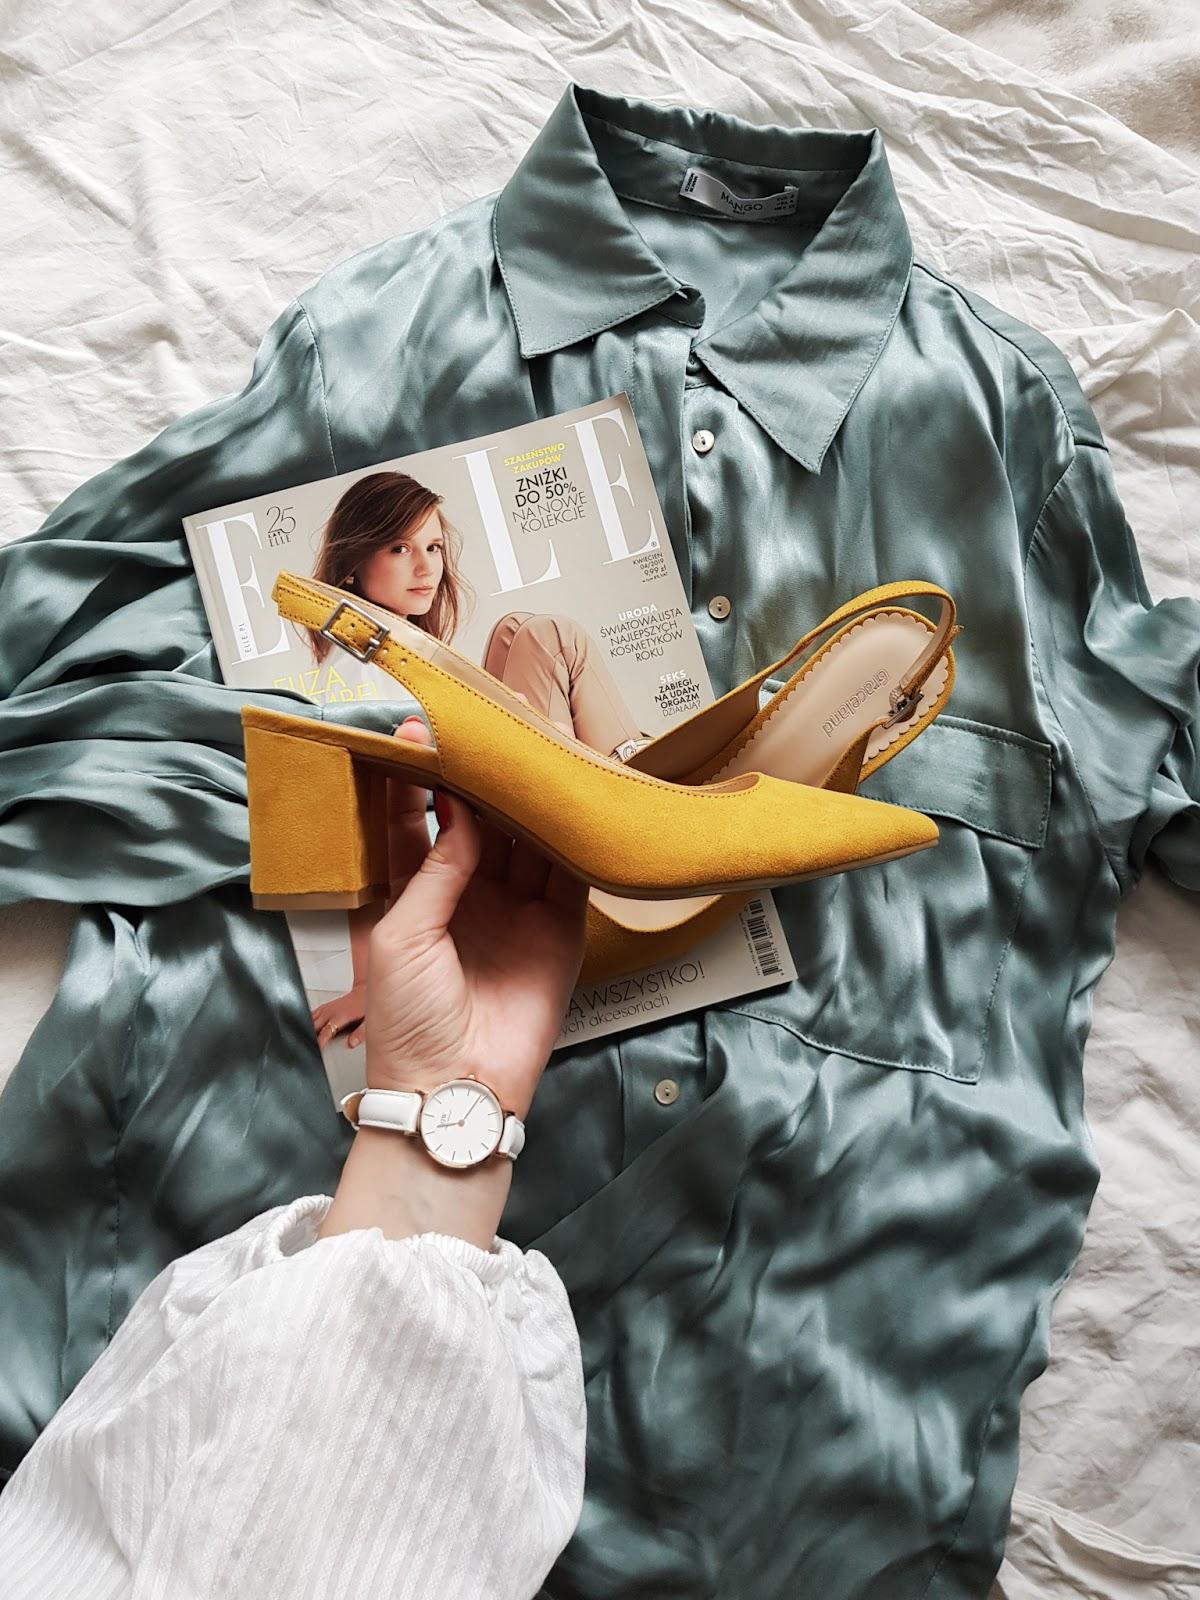 Musztardowe pantofle